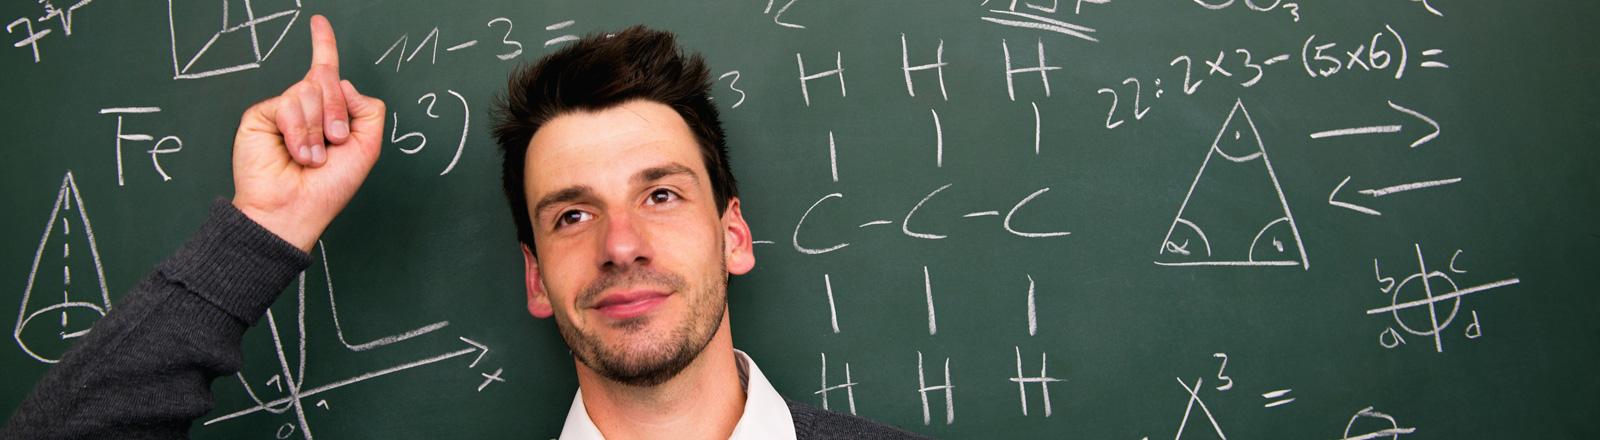 Ein Mann steht vor einer Tafel und streckt den linken Zeigefinger in die Höher. Auf der Tafel stehen mathematische Formeln.